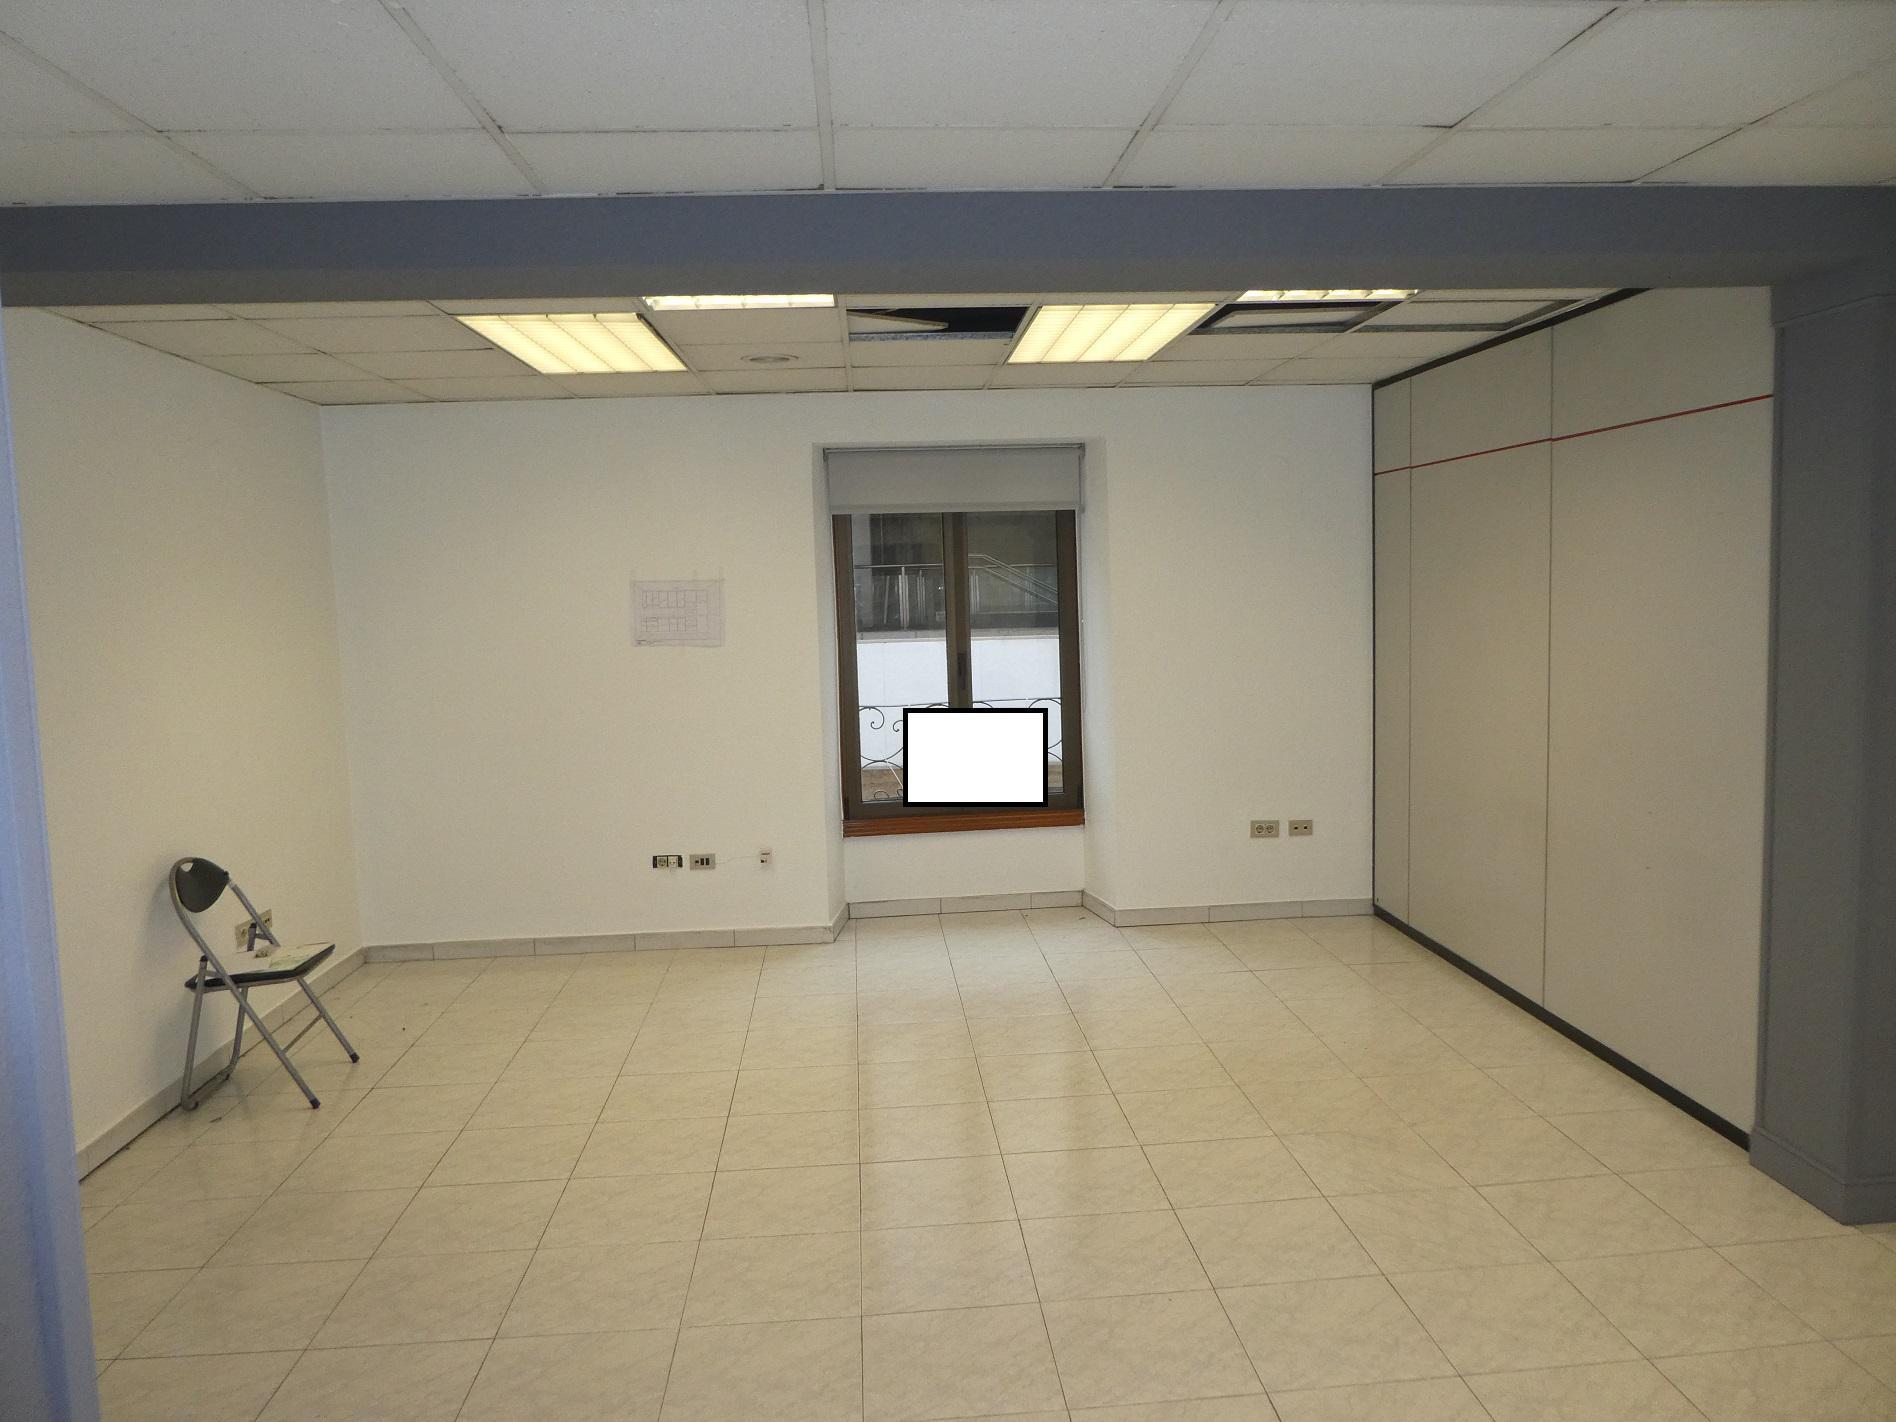 222672 - Zona centro Eibar